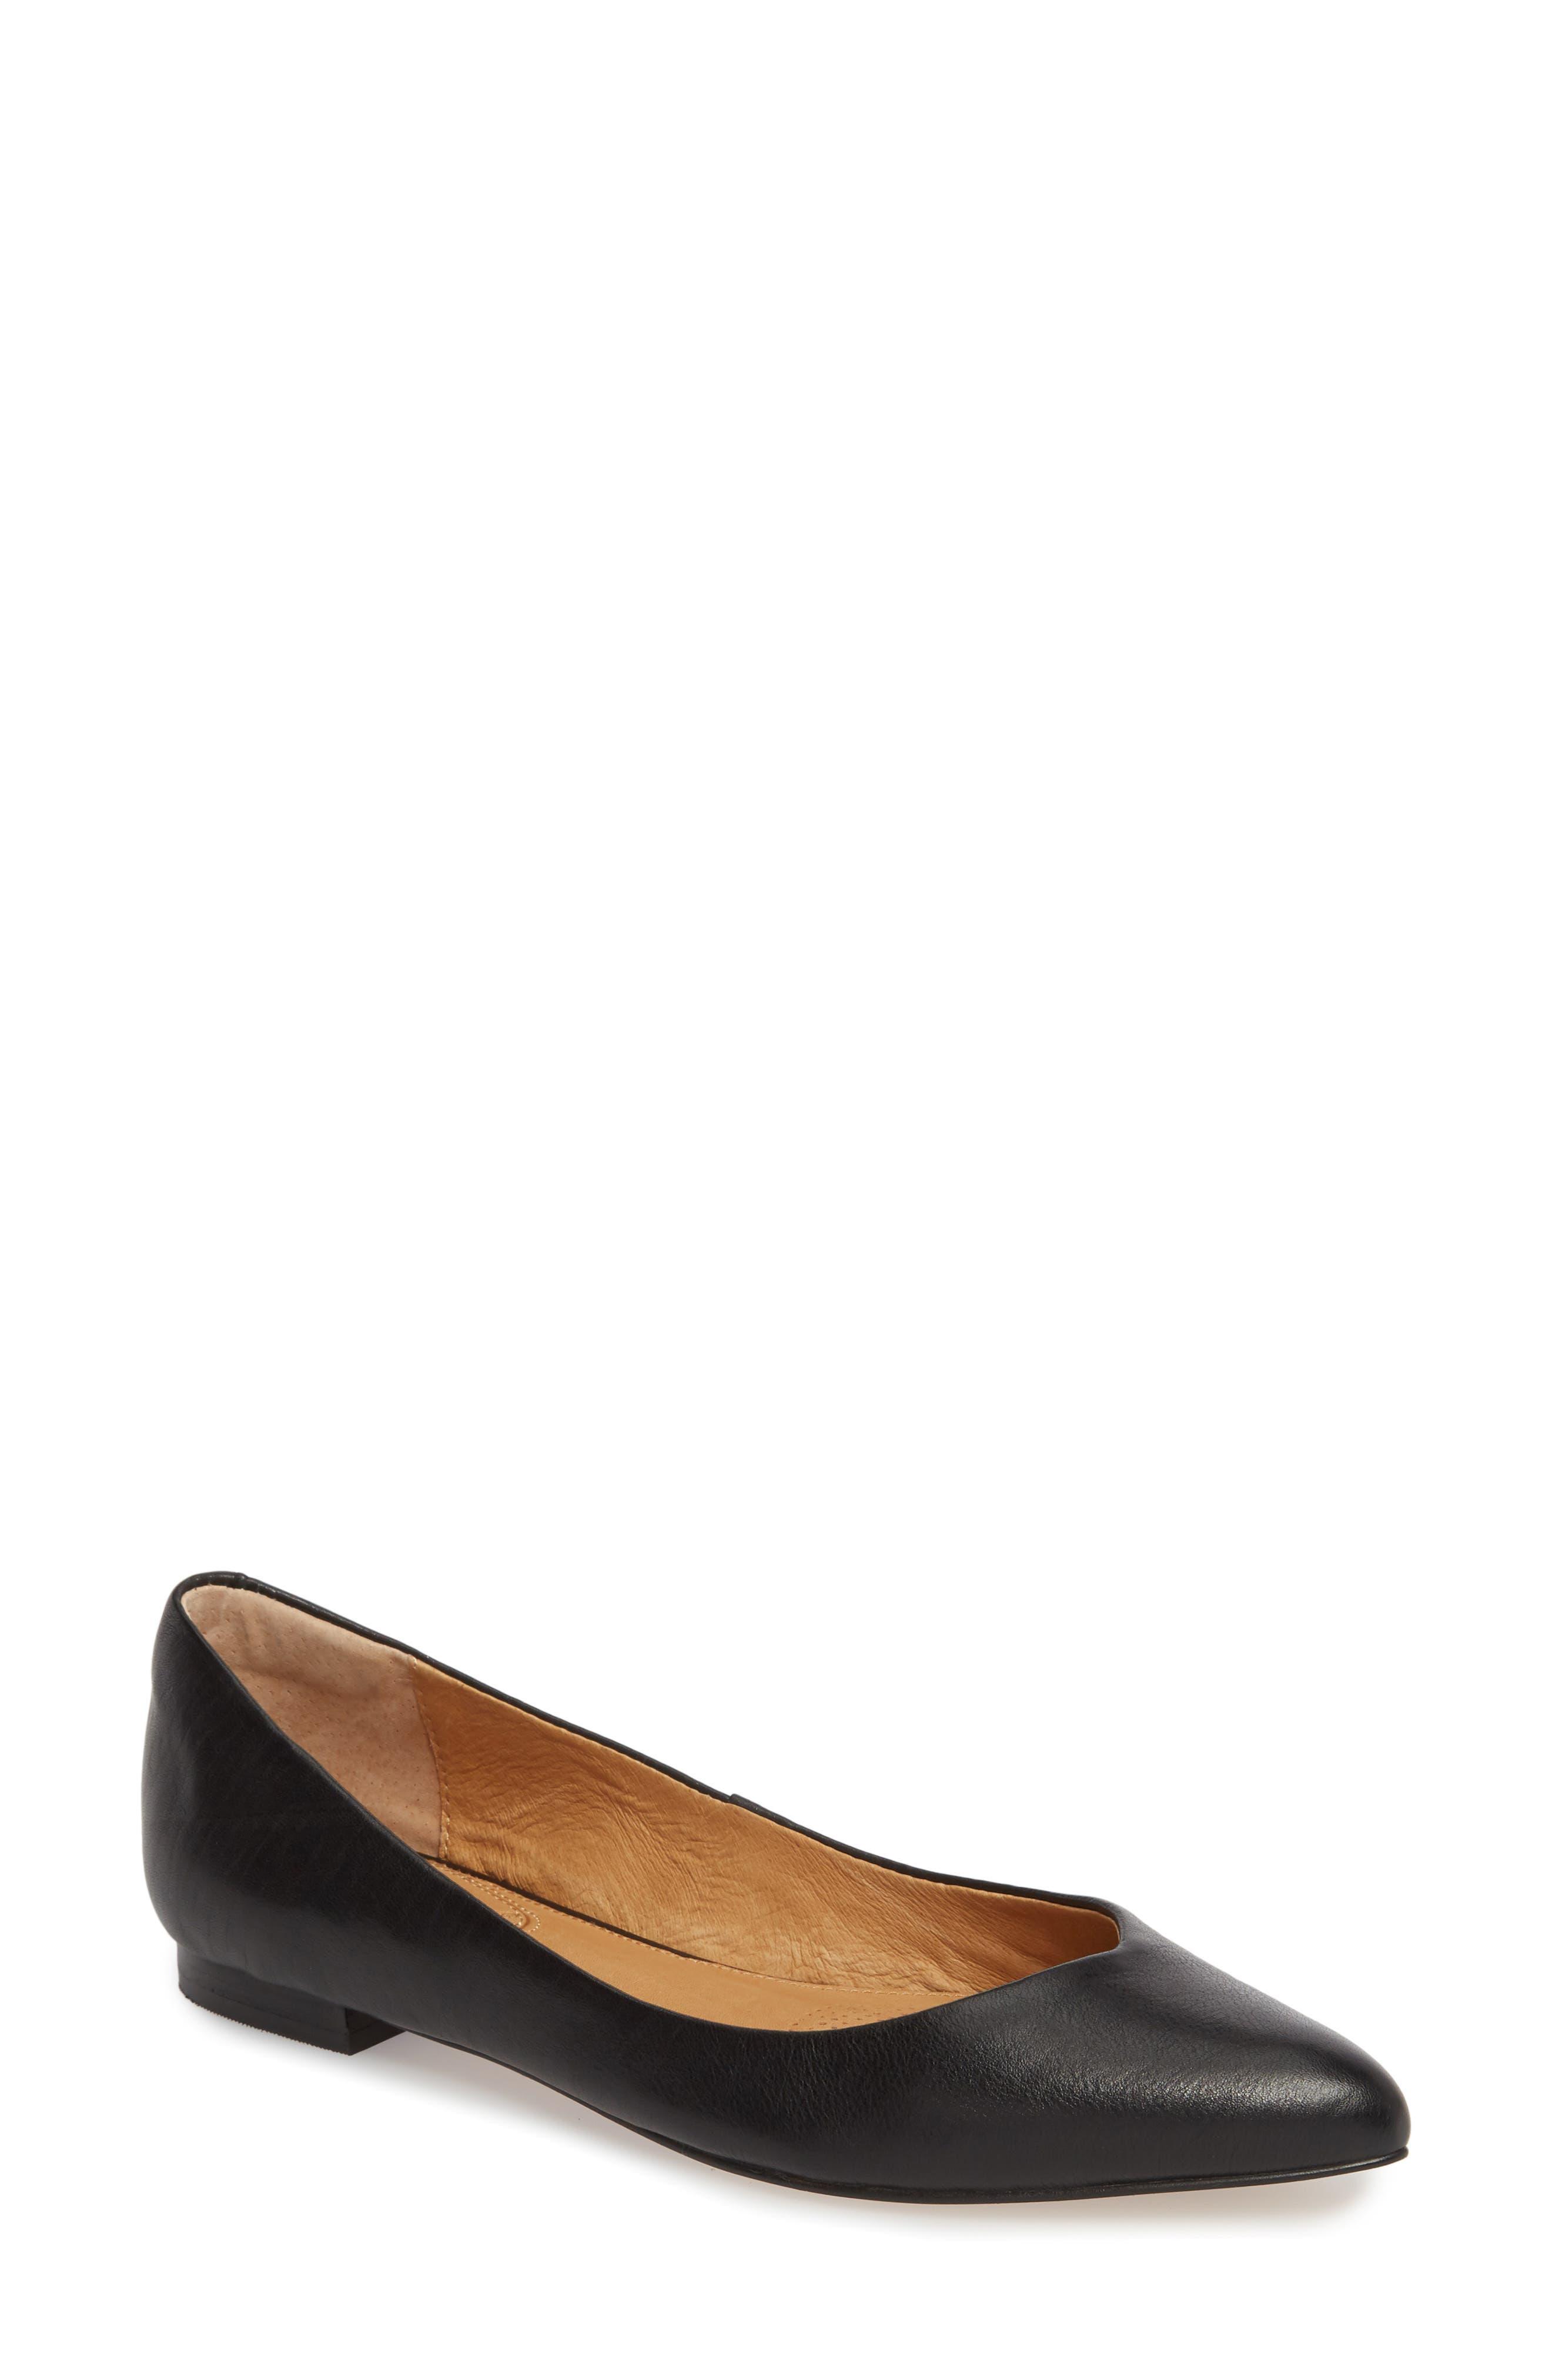 Jullia Flat,                             Main thumbnail 1, color,                             Black Leather